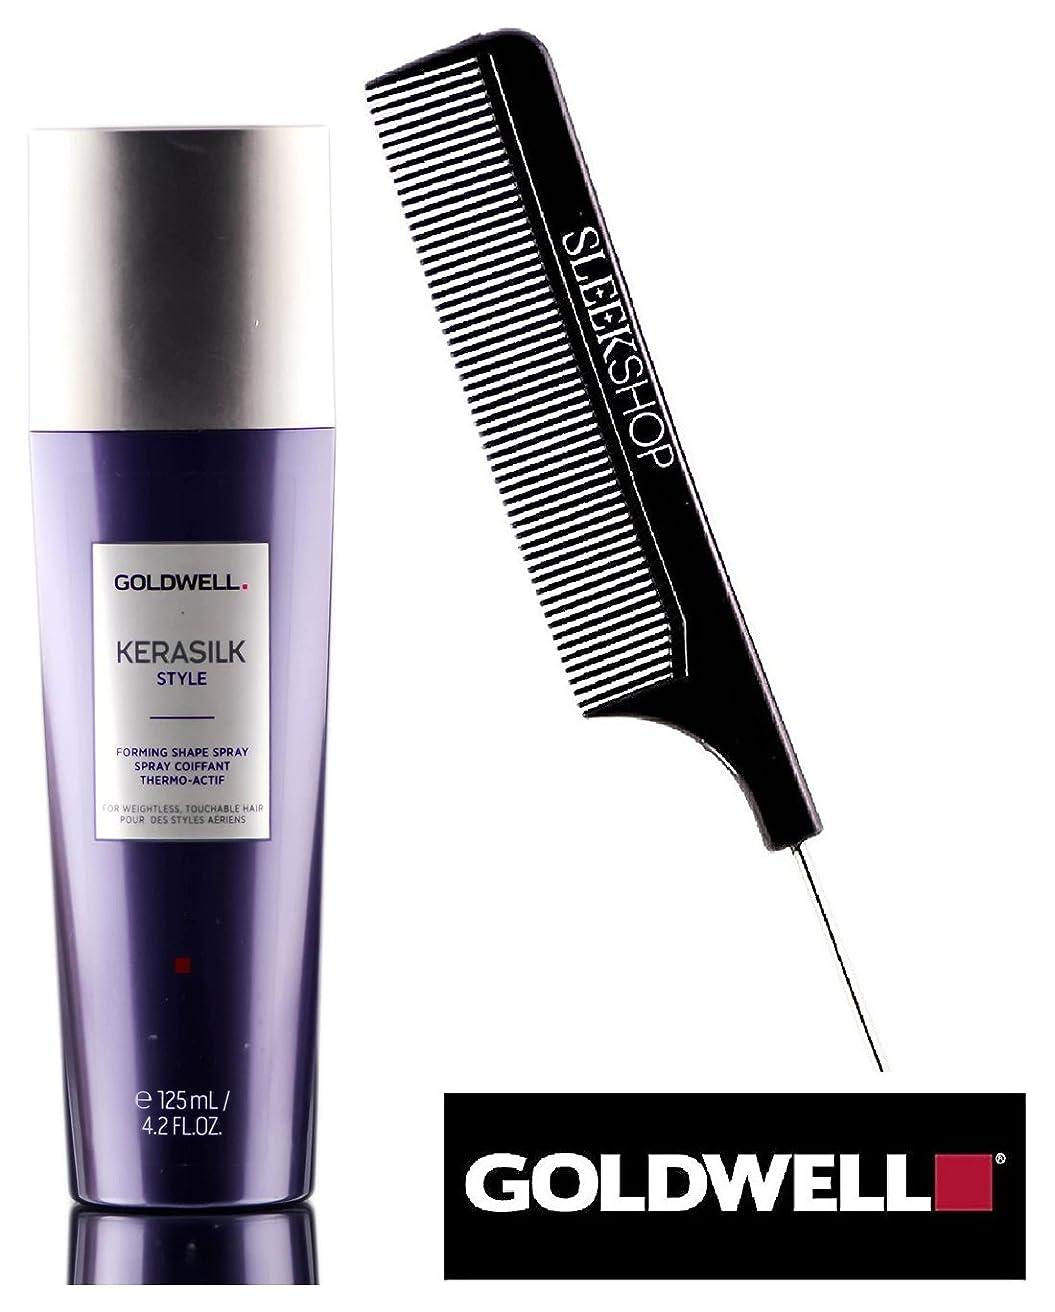 着飾るフラッシュのように素早くスリラーKerasilk Style by Goldwell 無重力のための(なめらかなスチールピンテールコーム付き)形状にスプレーを形成するGoldwell KERASILK STYLE、触れることができるヘアー 4.2オンス/ 125ミリリットル